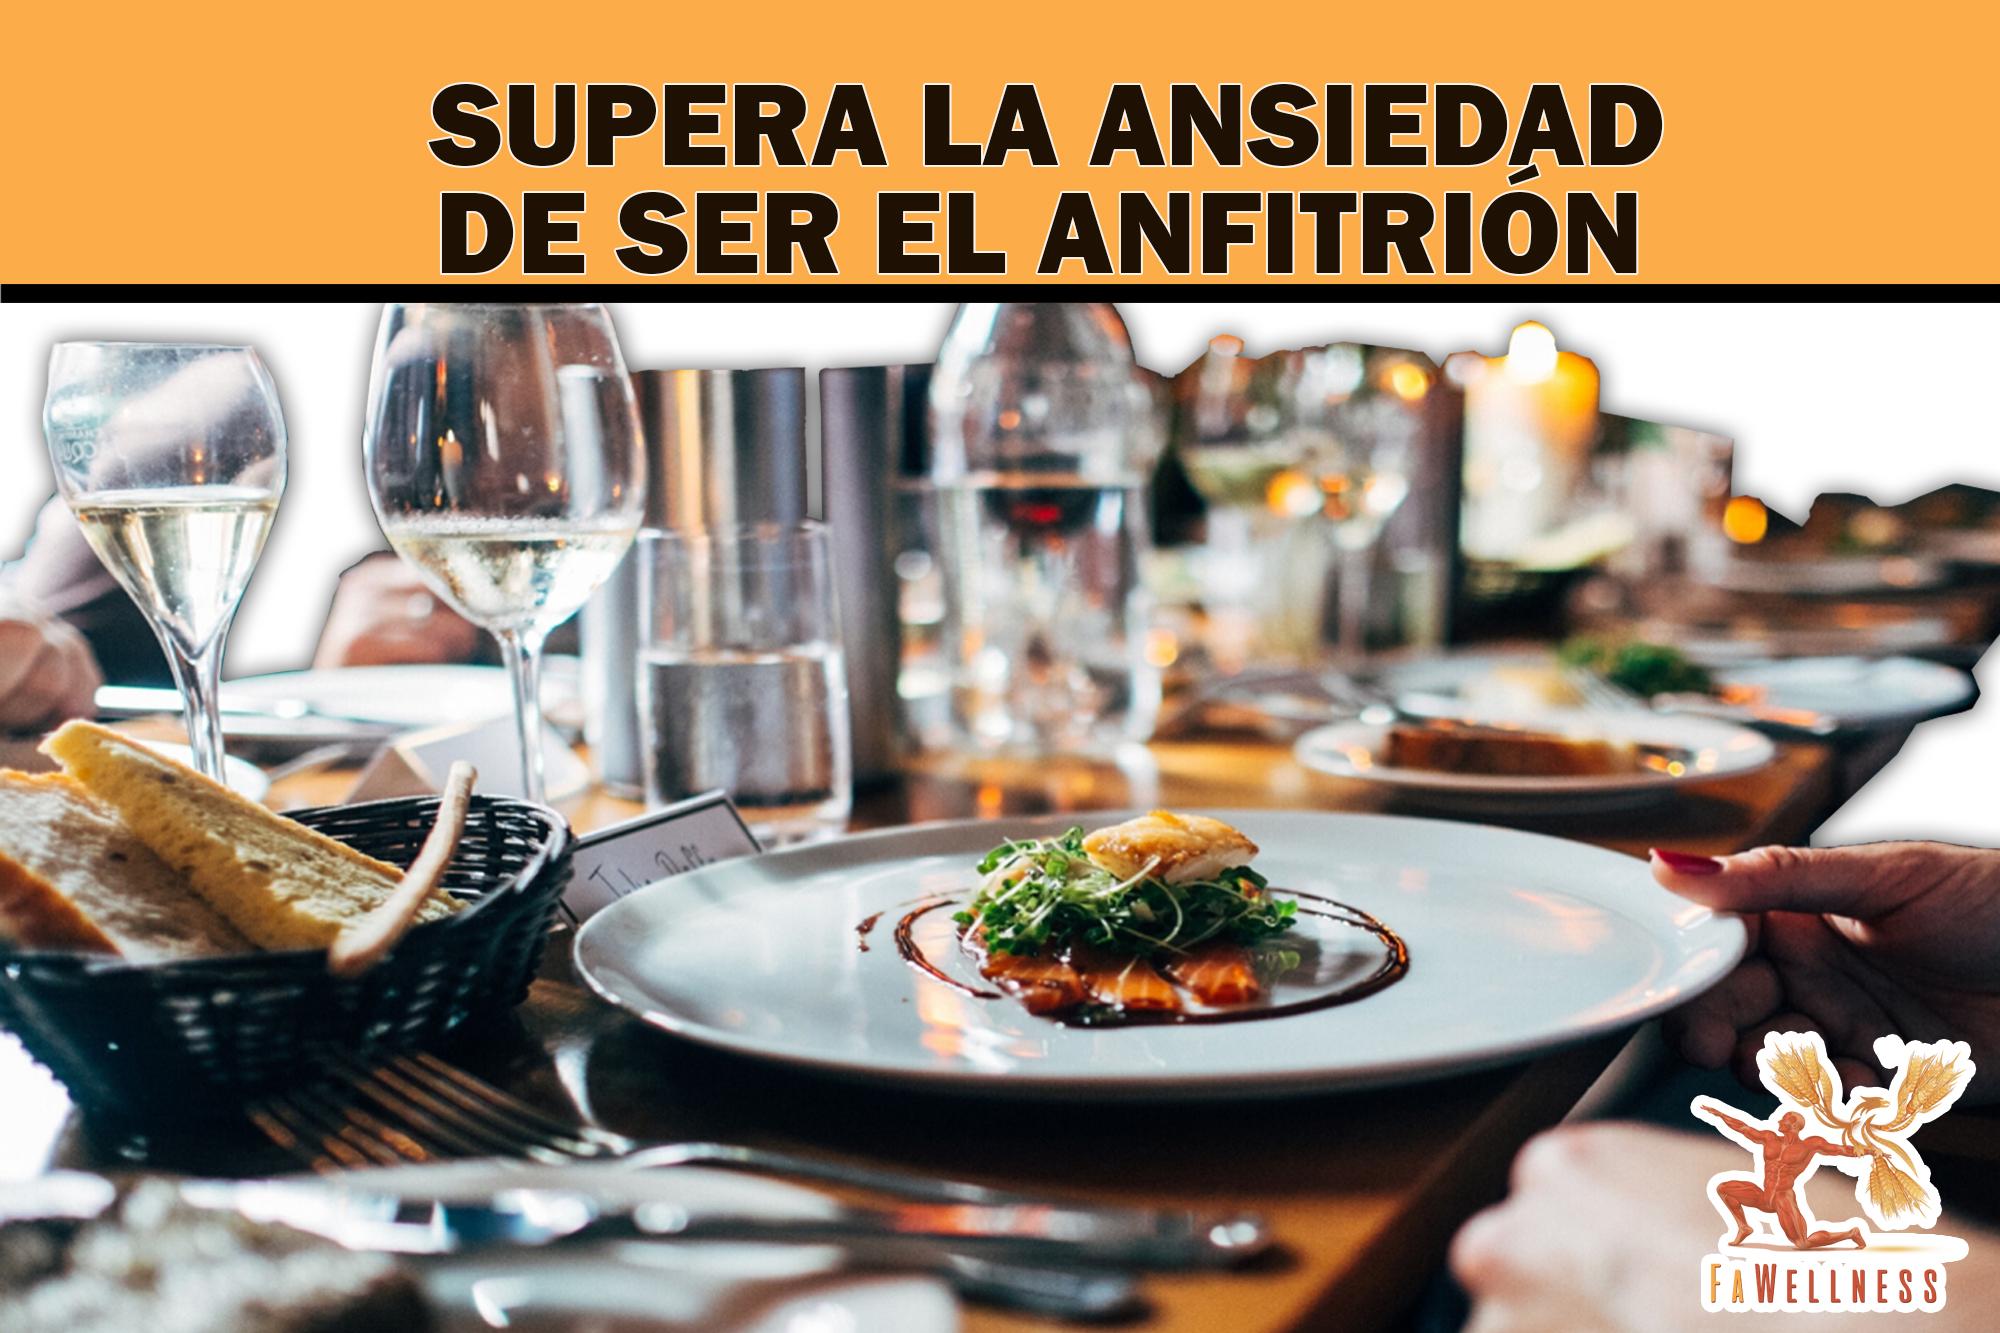 imagen blog FaWellness | SUPERA LA ANSIEDAD DE SER EL ANFITRIÓN